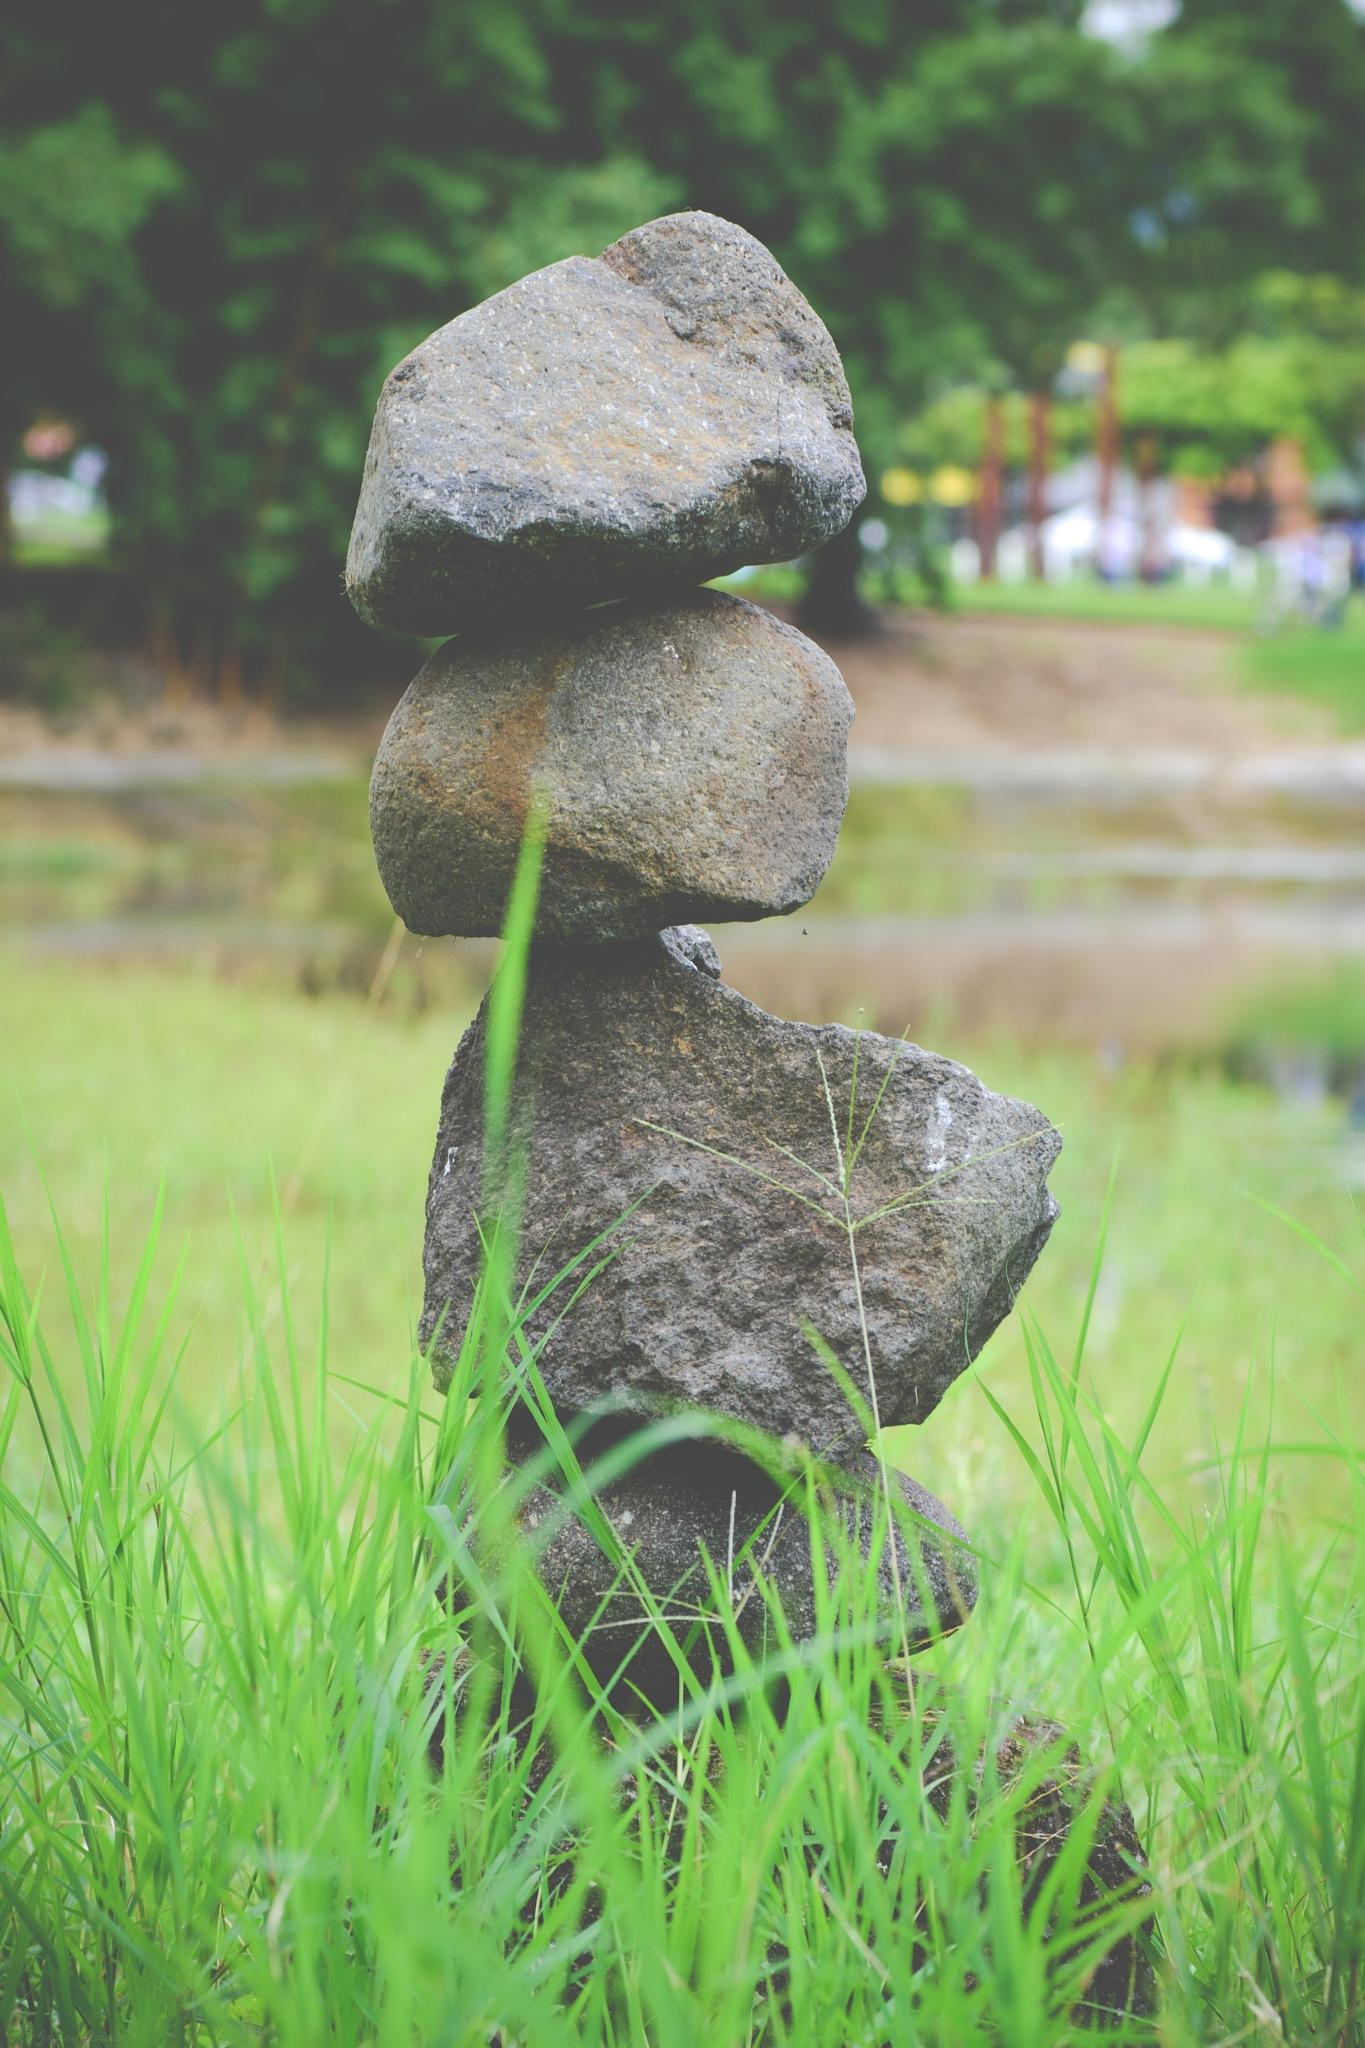 Rocks by Jordan Oviedo